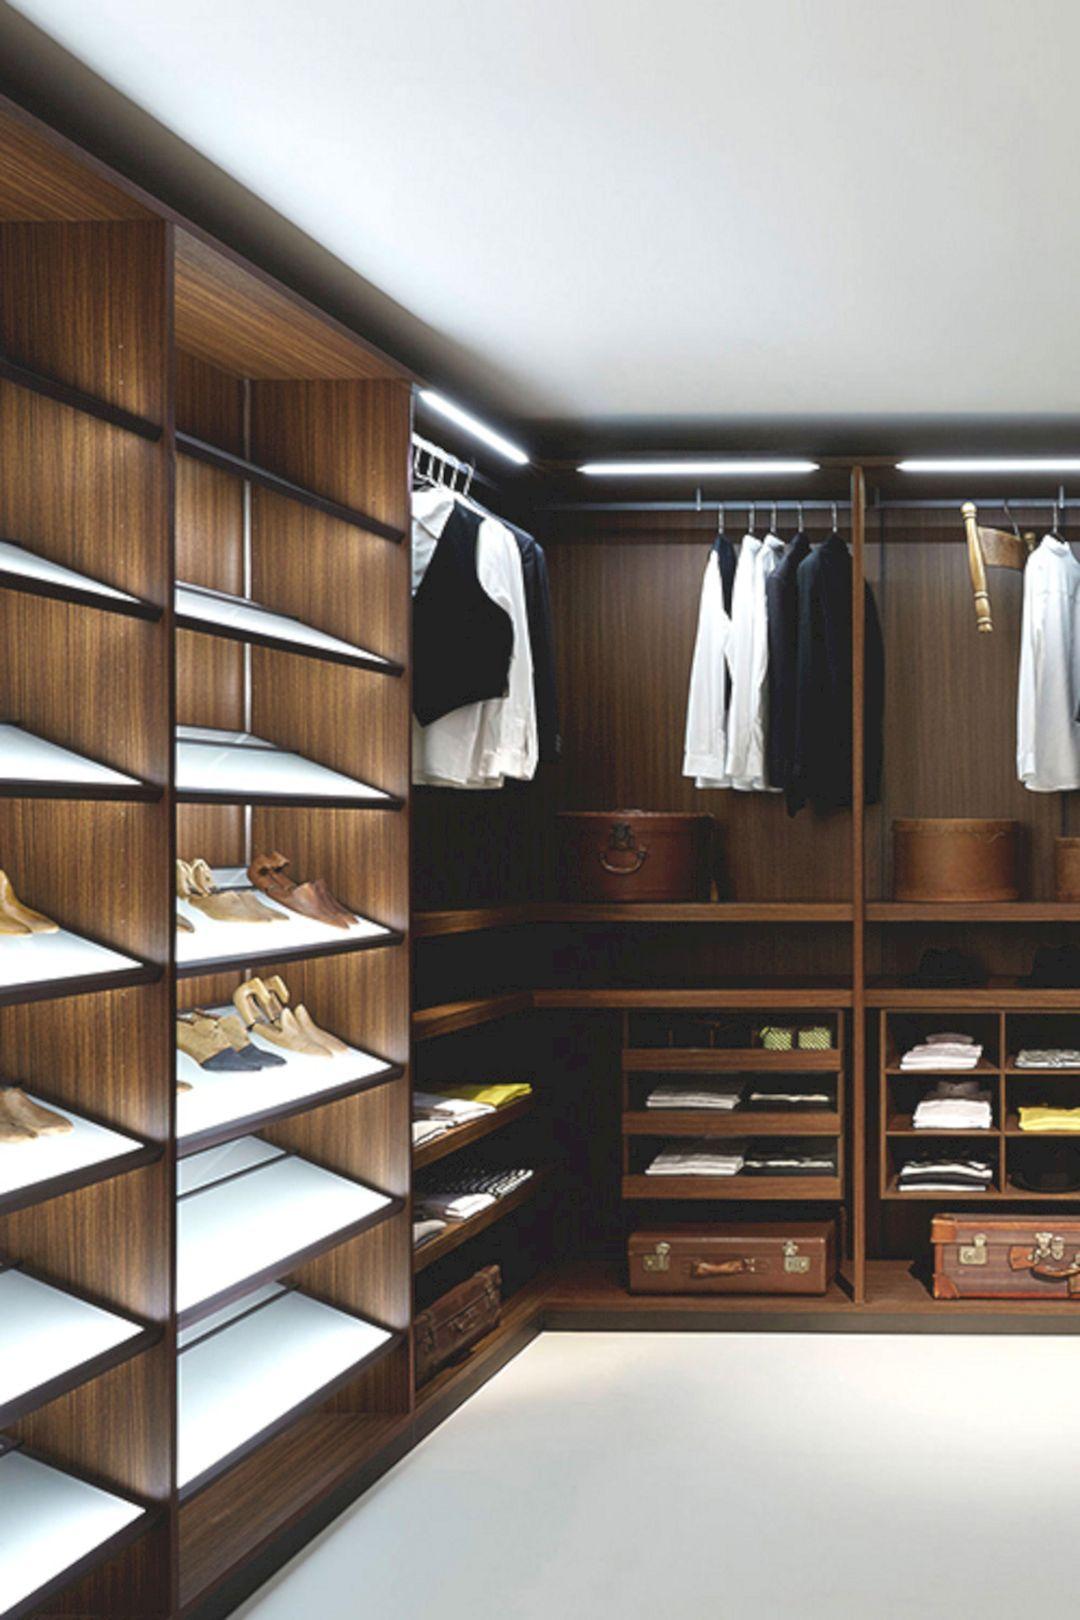 Outstanding 70 Best Man Closet Design Ideas To Easily Organize Https Decoredo